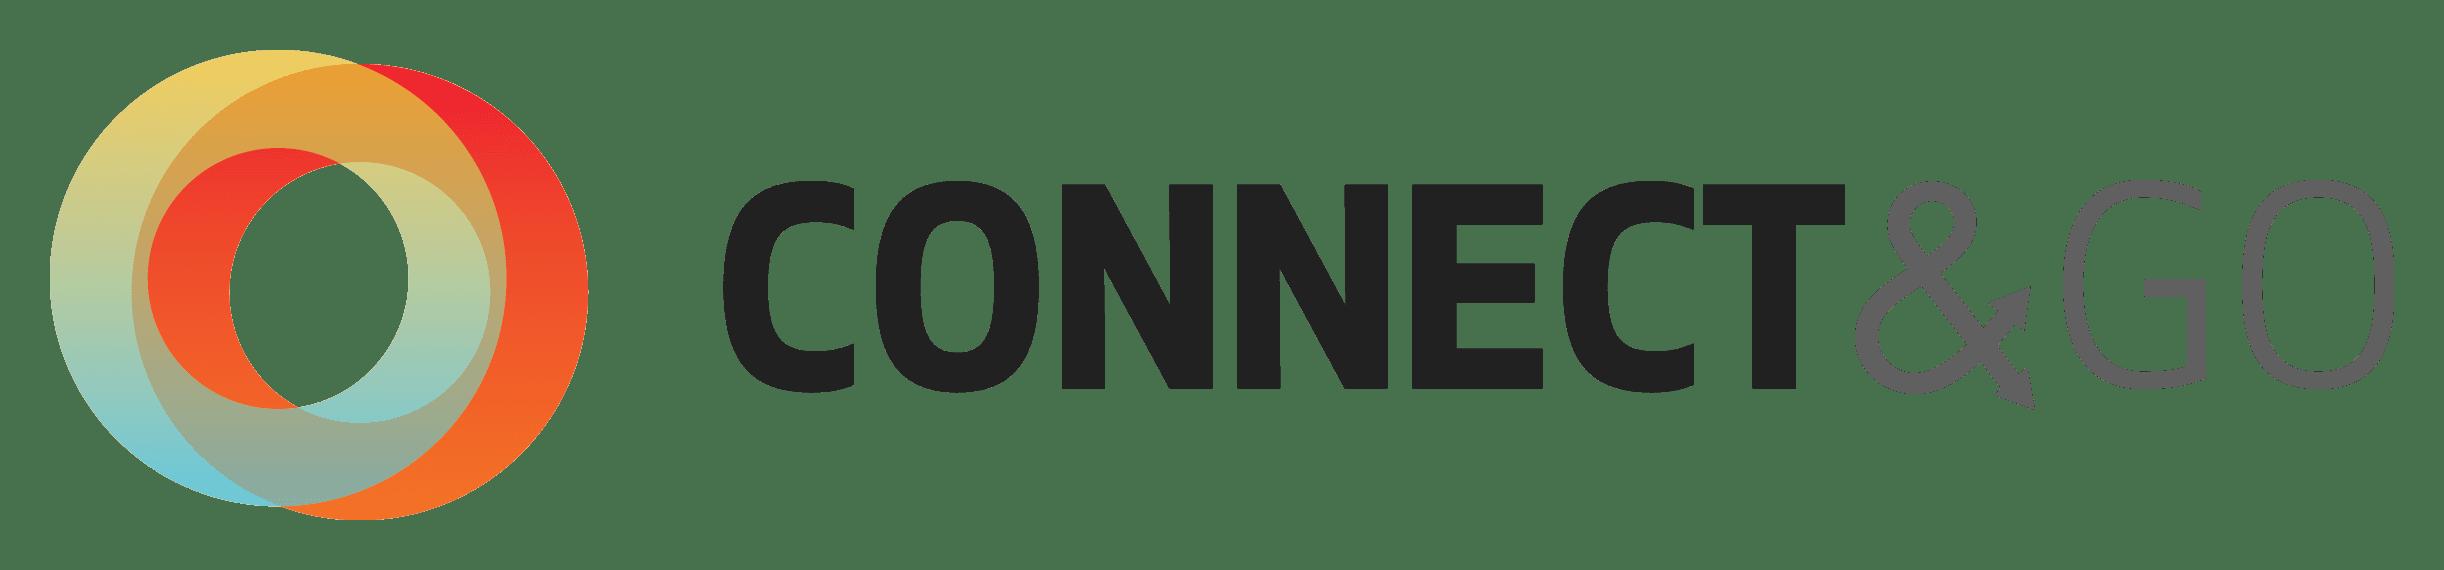 Connect Go Logo